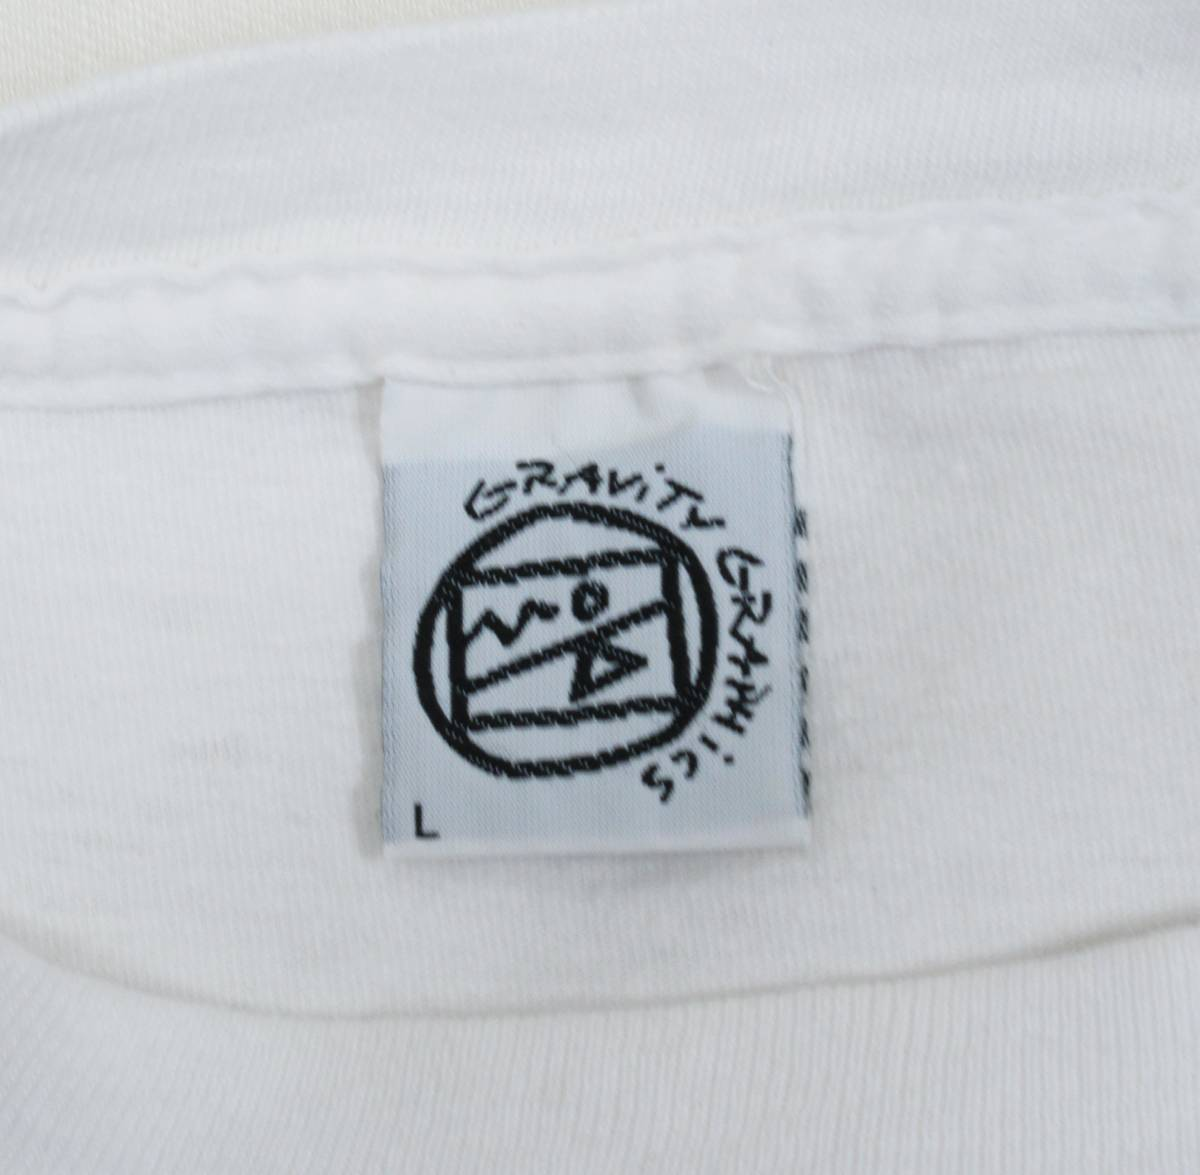 超レア! 90's USA製 SPIKE LEE 40 ACRES AND A MULE 『DO THE RIGHT THING』 Tシャツ MALCOLM X DE LA SOUL BEASTIE BOYS RUN DMC RAPTEE_画像3